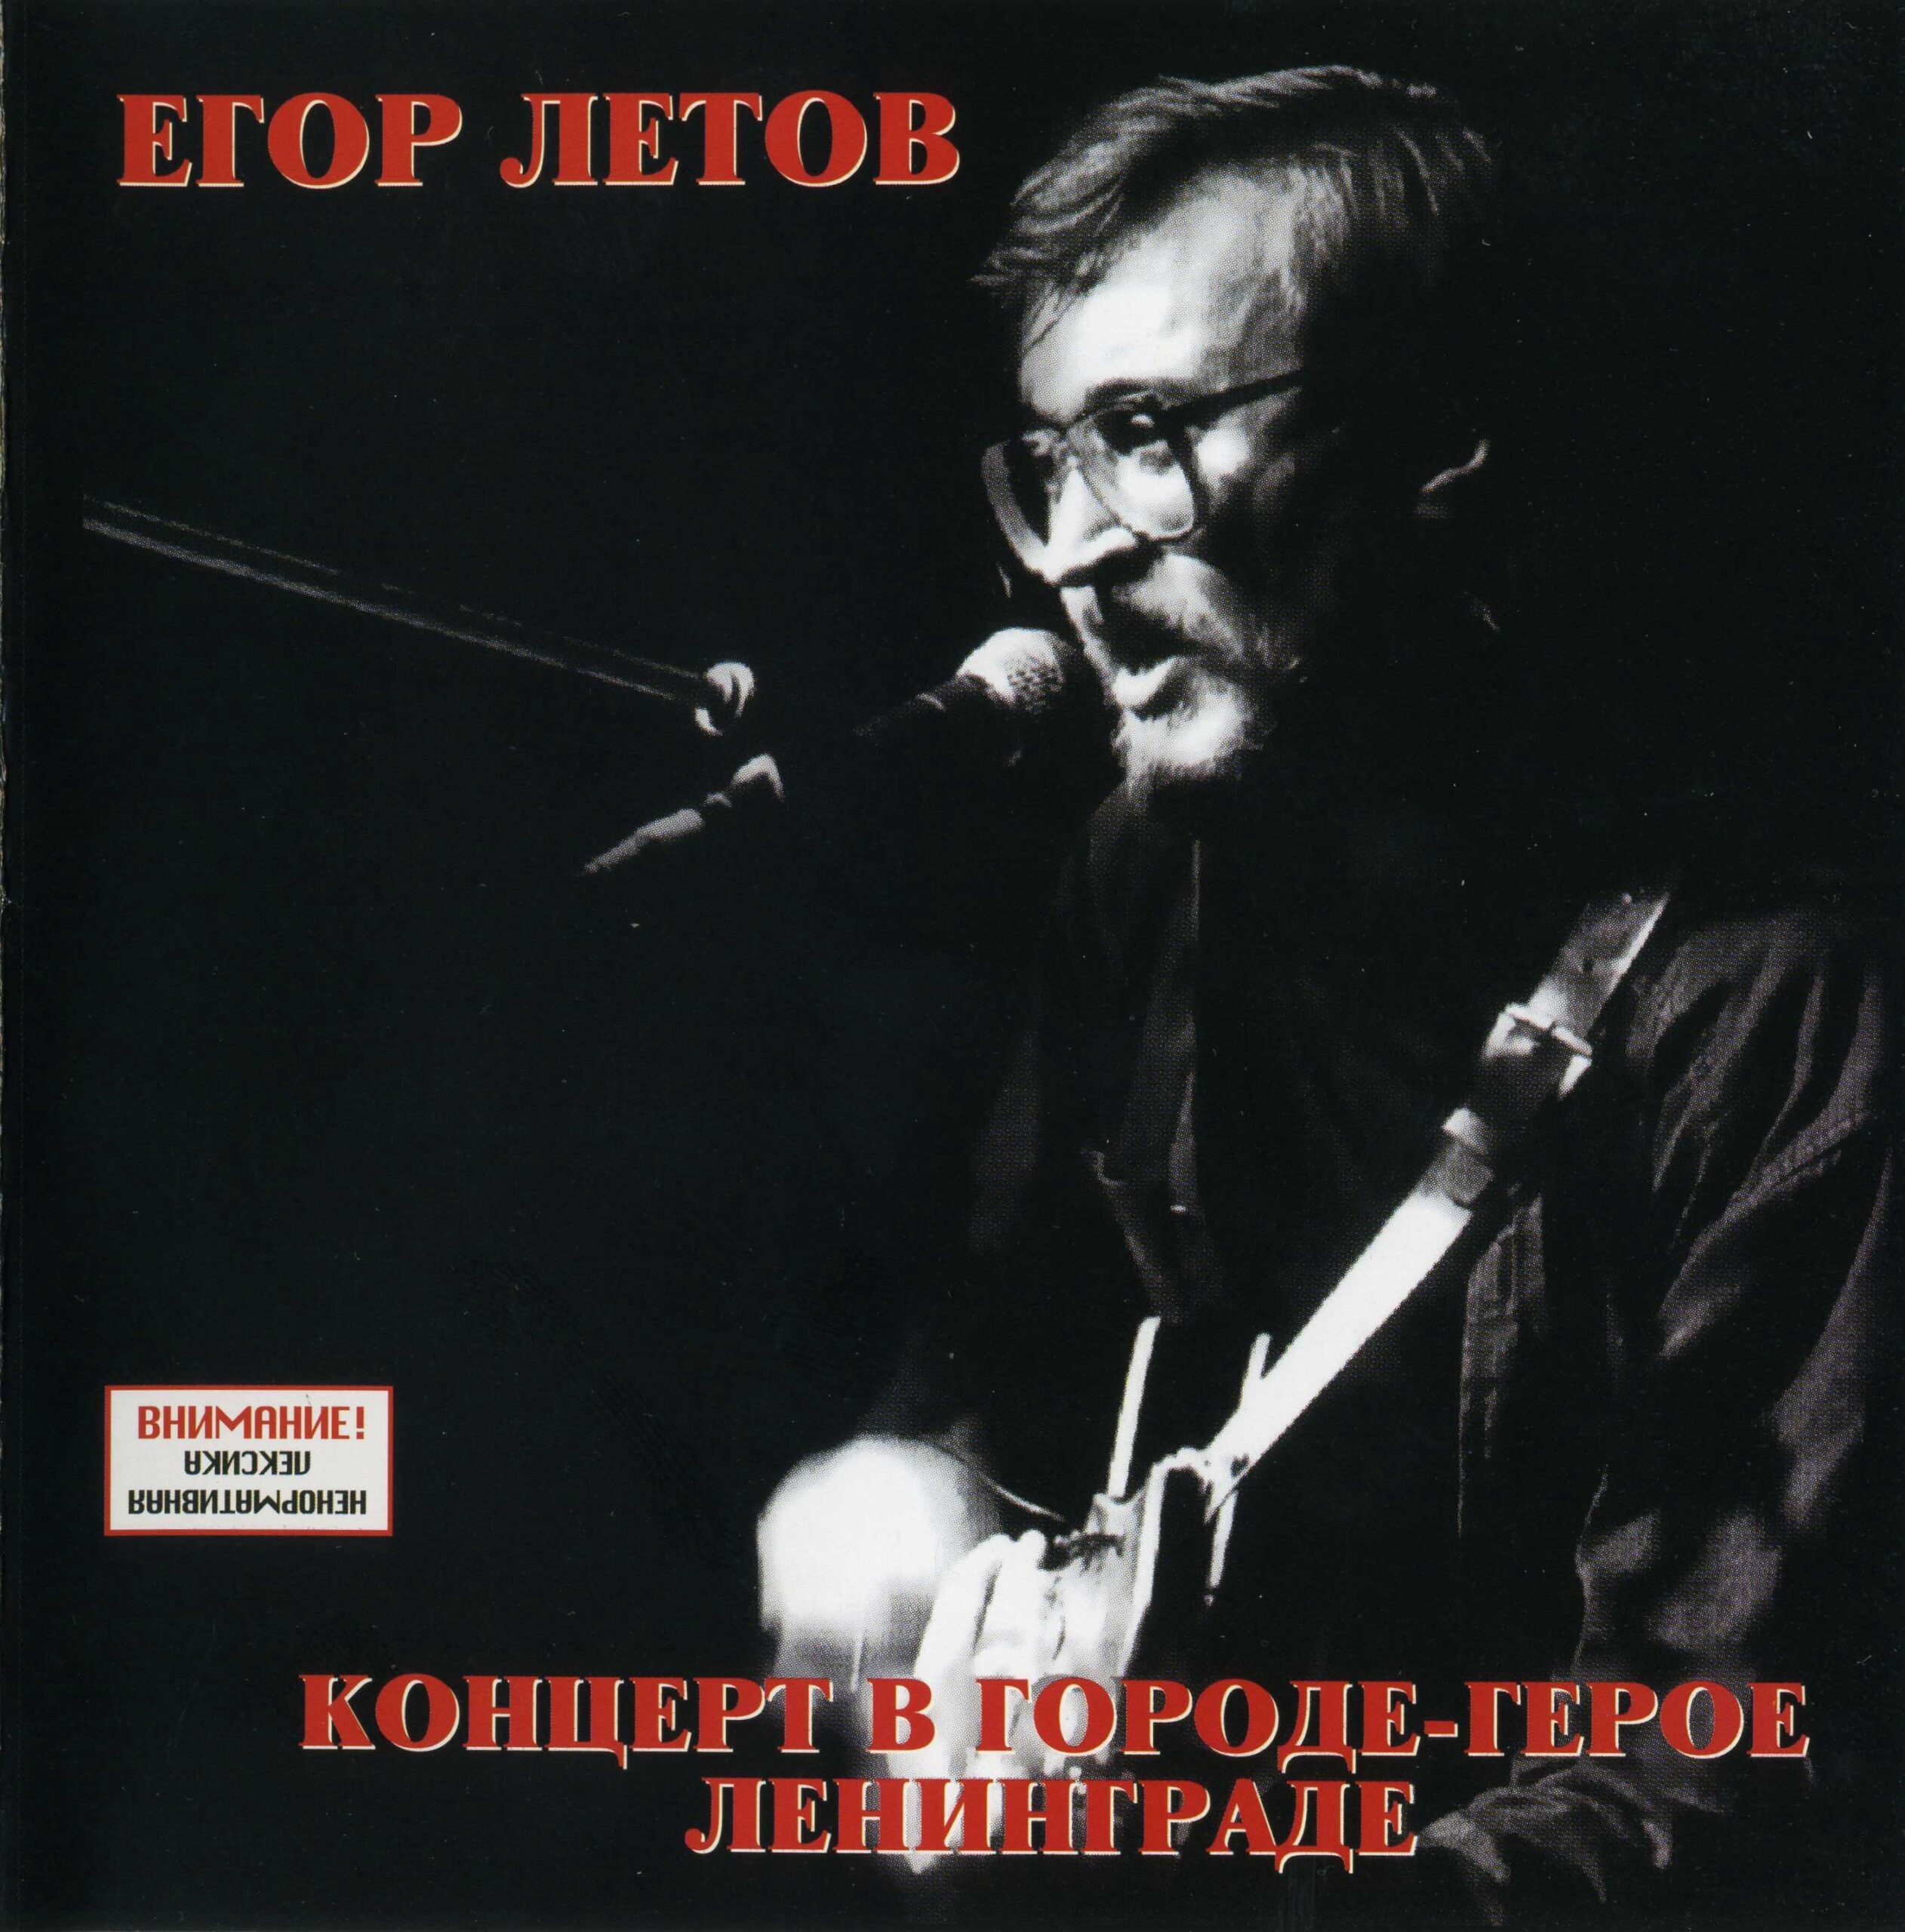 Егор Летов — Концерт в Городе-герое Ленинграде (1994)